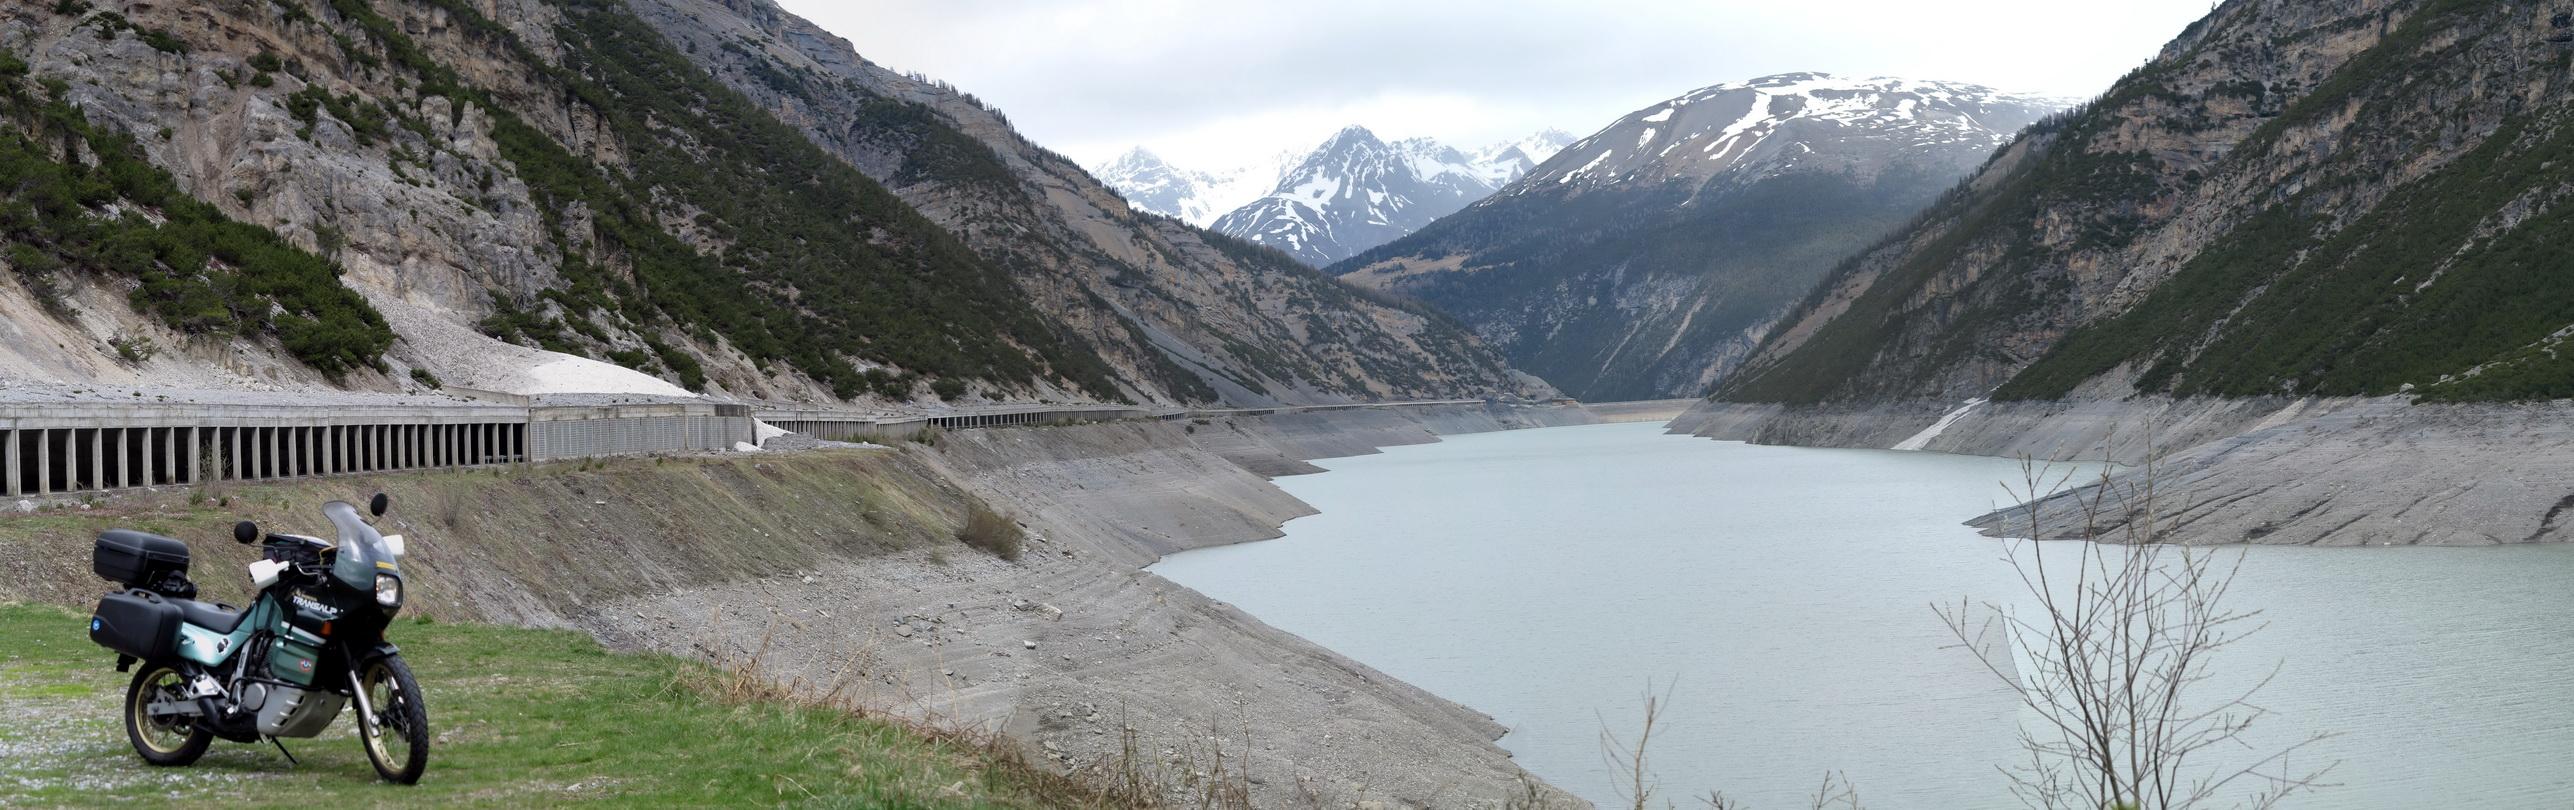 2013-05 Am Lago di Livignio